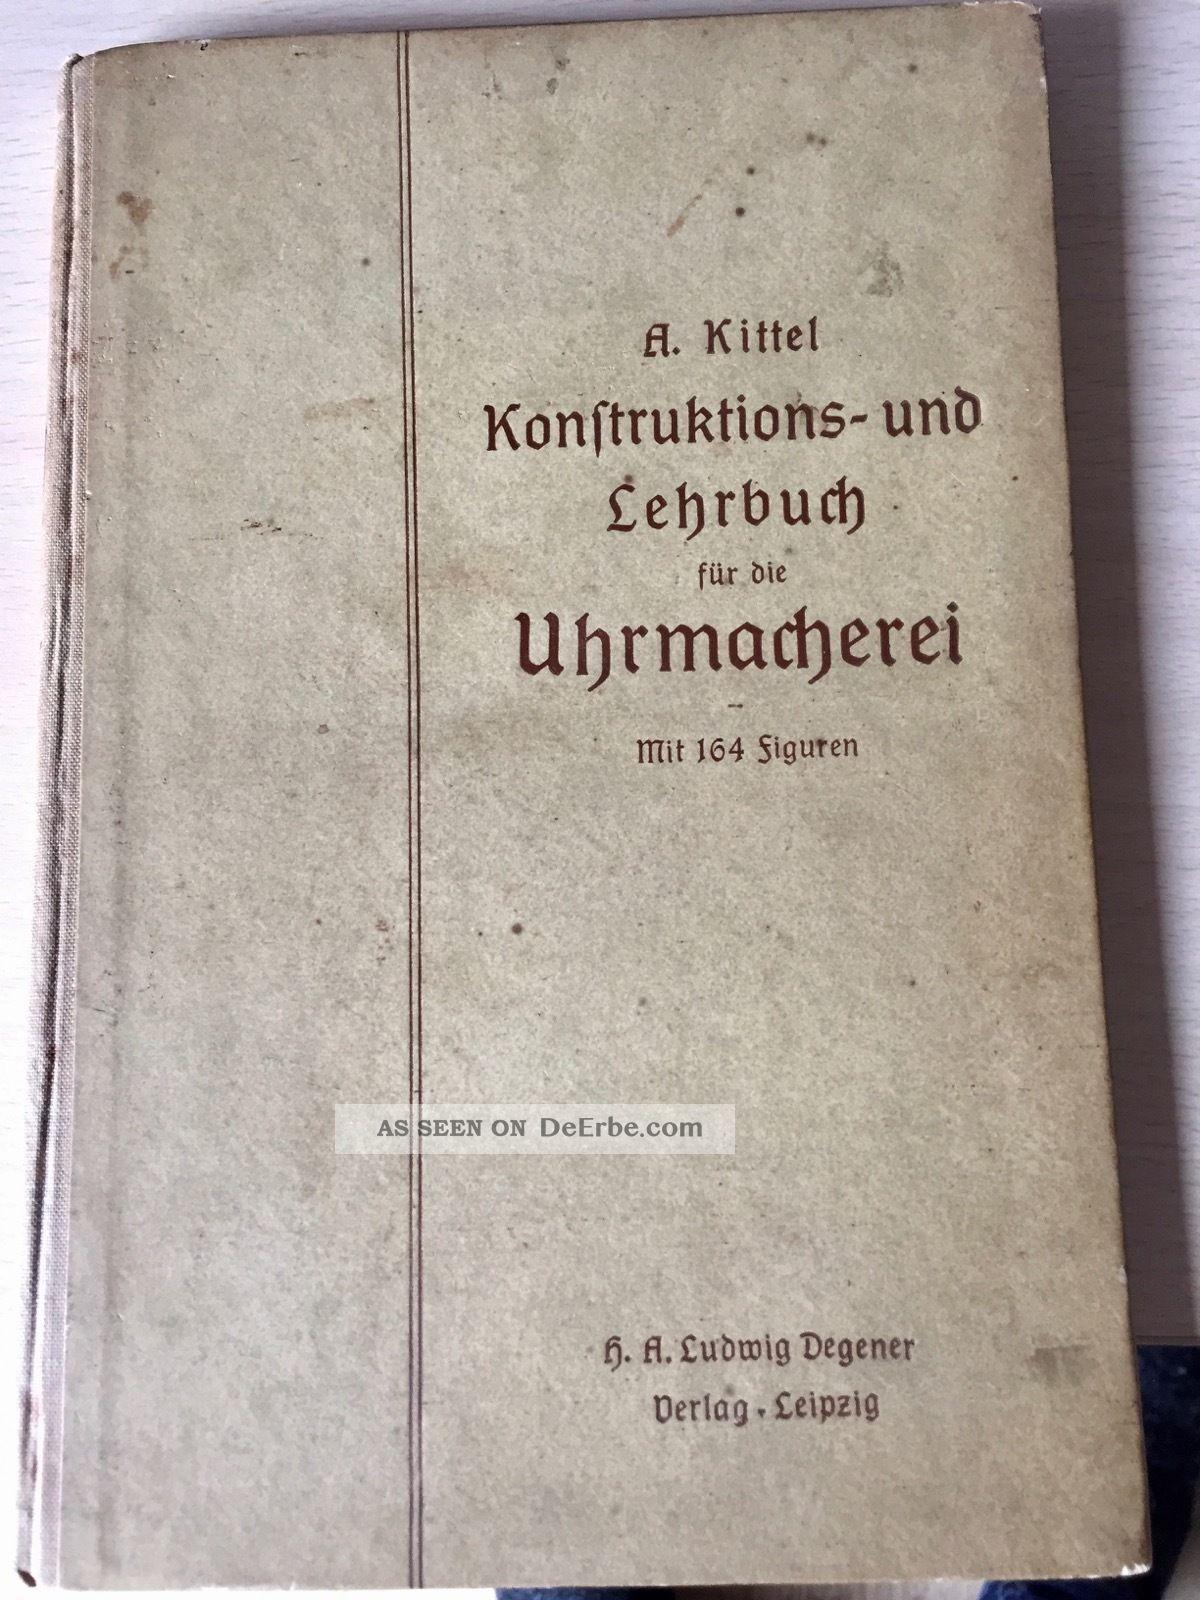 Konstruktions - Und Lehrbuch FÜr Die Uhrmacherei A.  Adolf Adolph Kittel 1907 Alte Berufe Bild